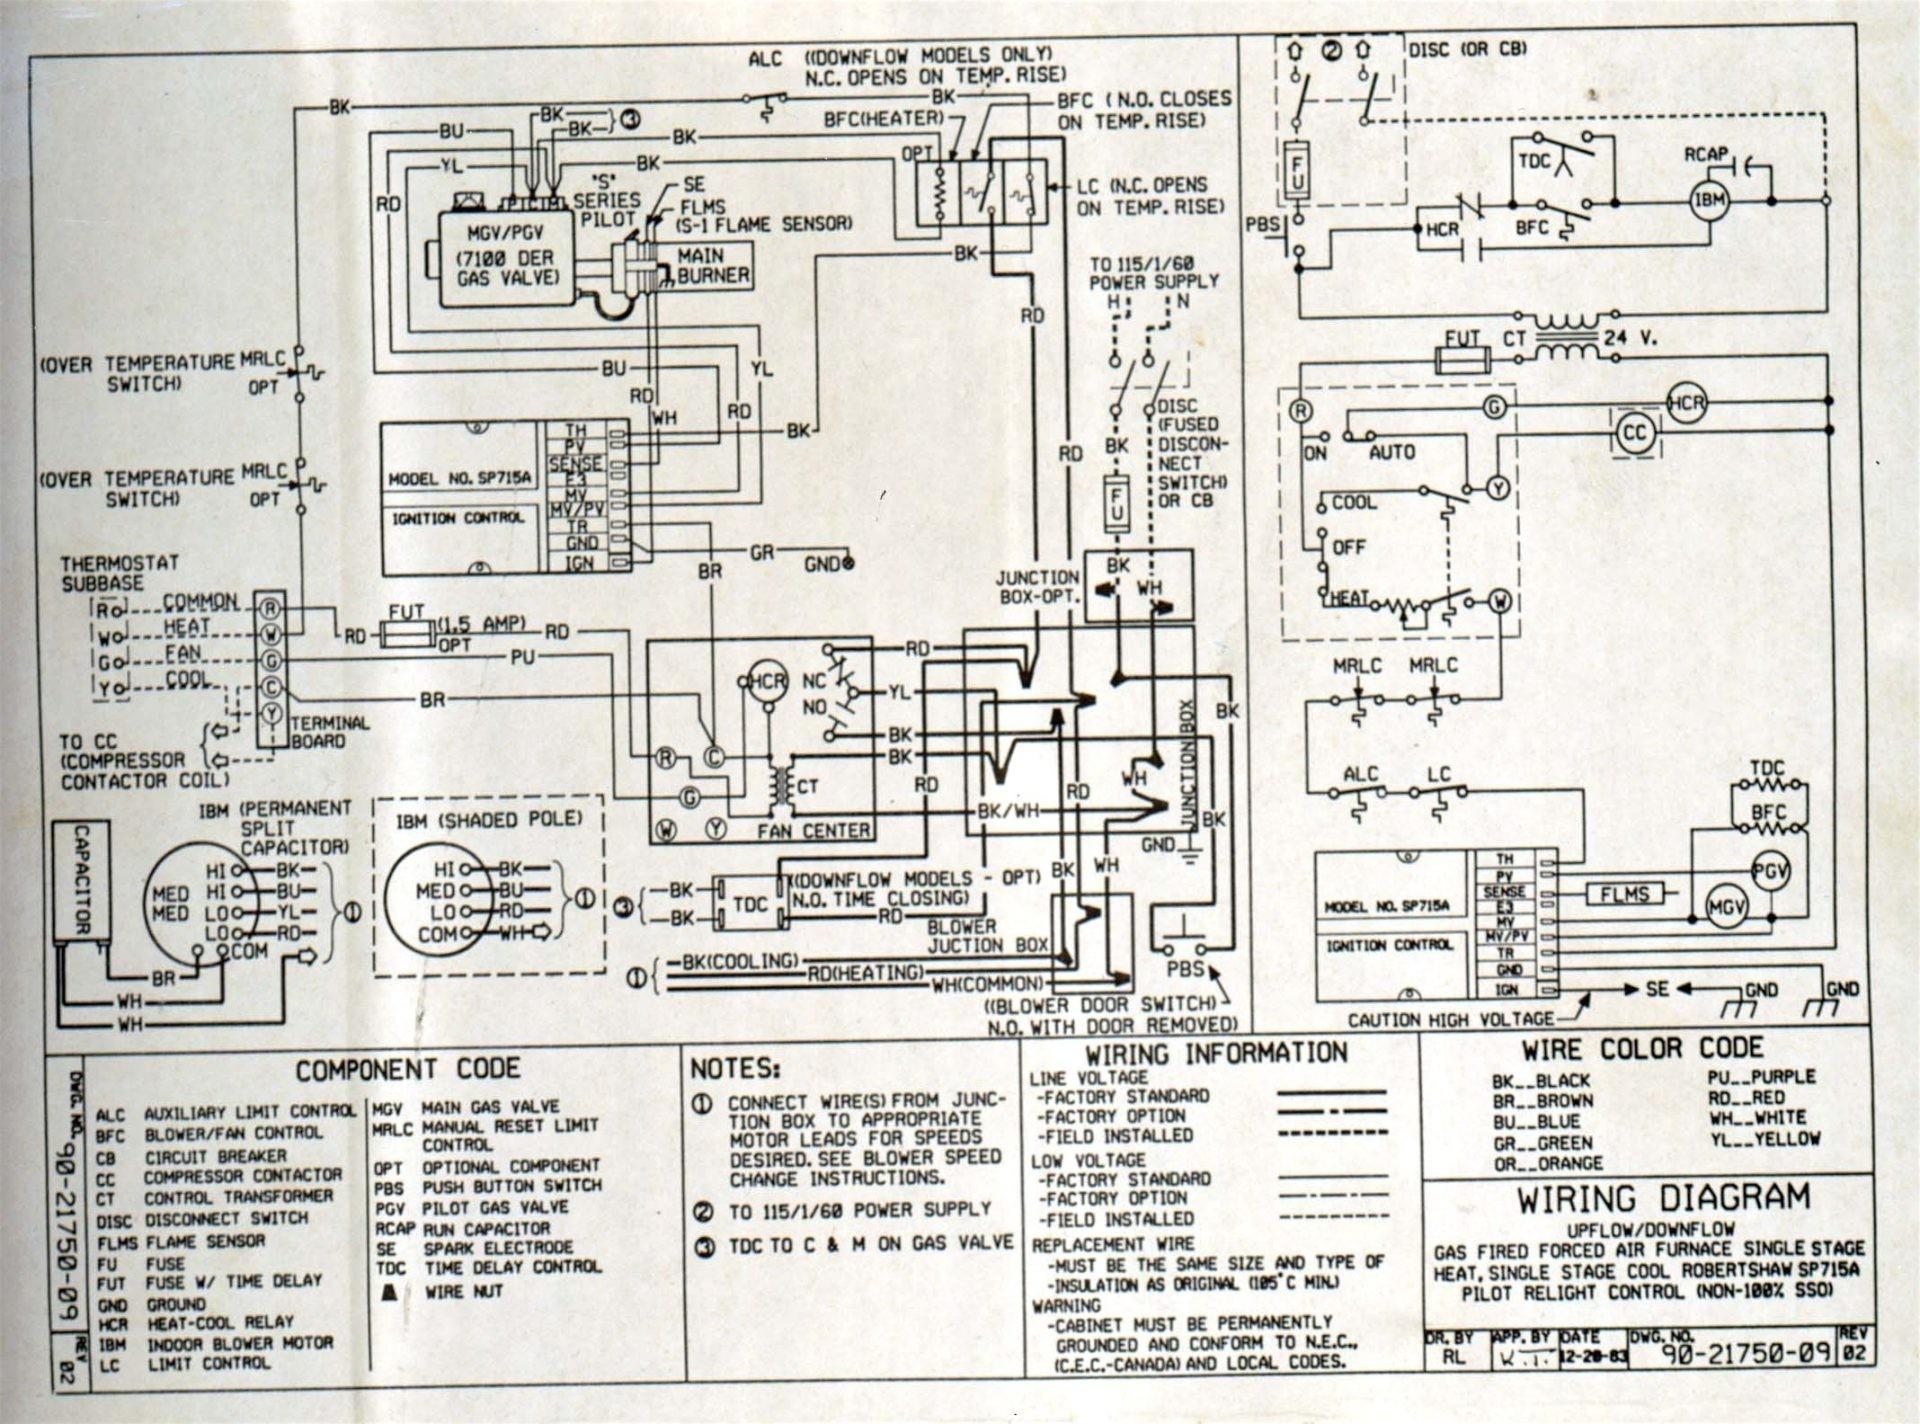 Weathertron thermostat Wiring Diagram Wiring Diagram House thermostat Fresh Wiring Diagram for House Of Weathertron thermostat Wiring Diagram